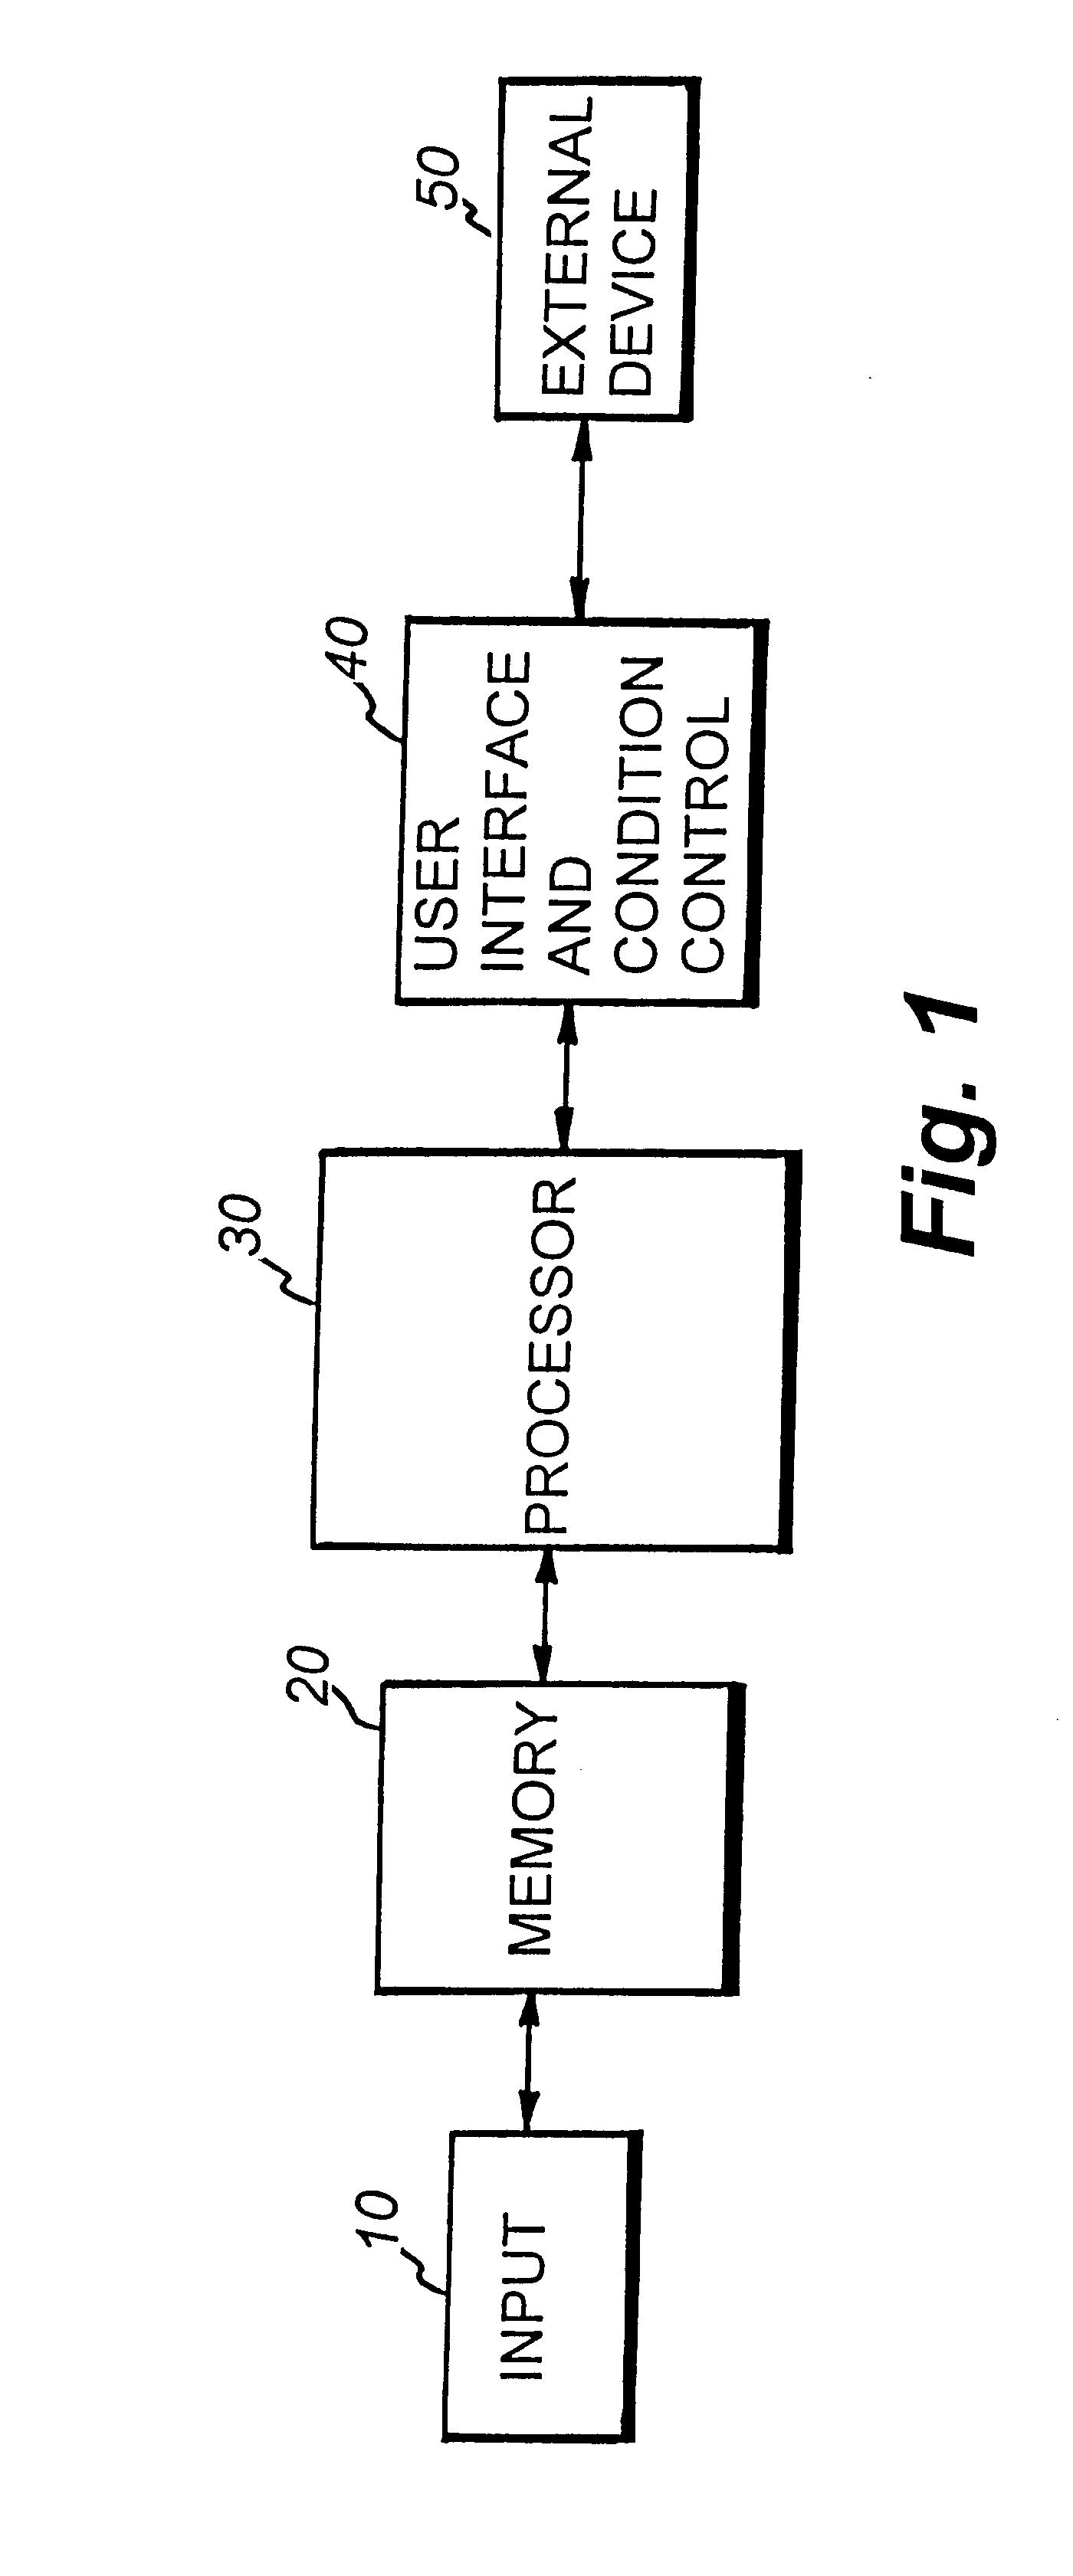 Patent Us 6216956 B1 Block Diagram Sbd Tvlcd Digital Ticom Images